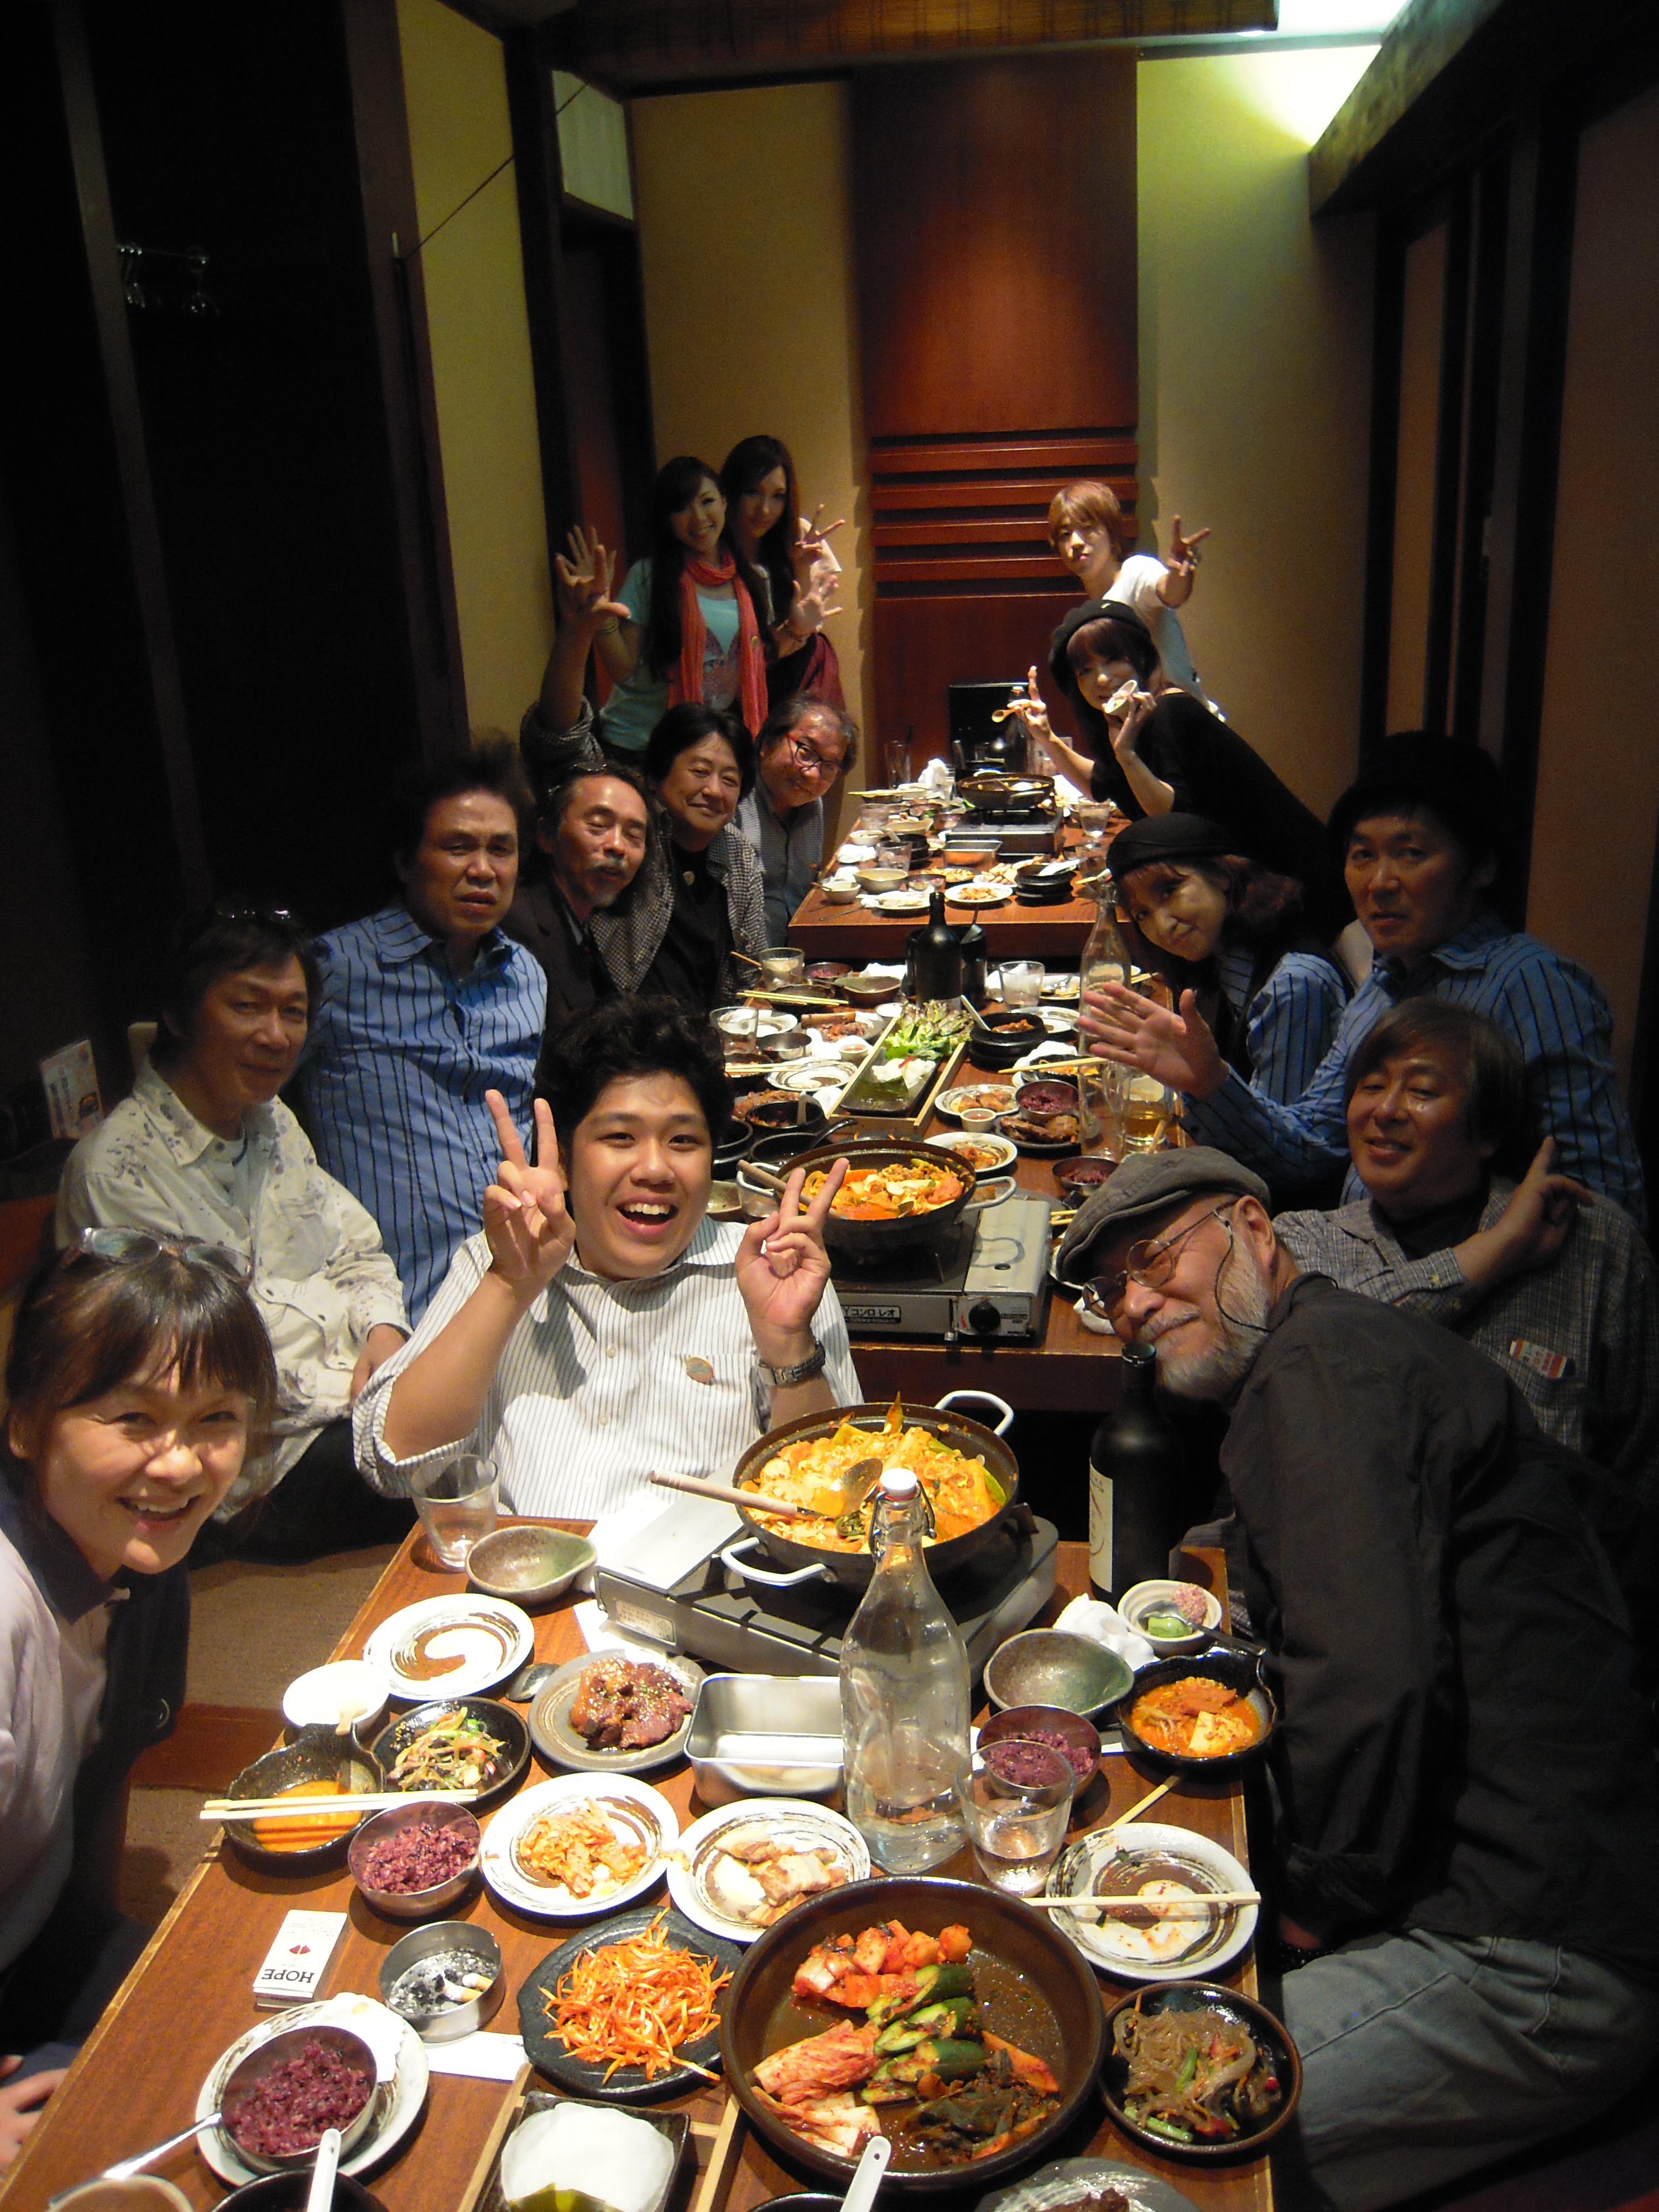 コンサートにお越しいただいた岡崎倫典さんも打ち上げに参加、大久保の夜は更けました